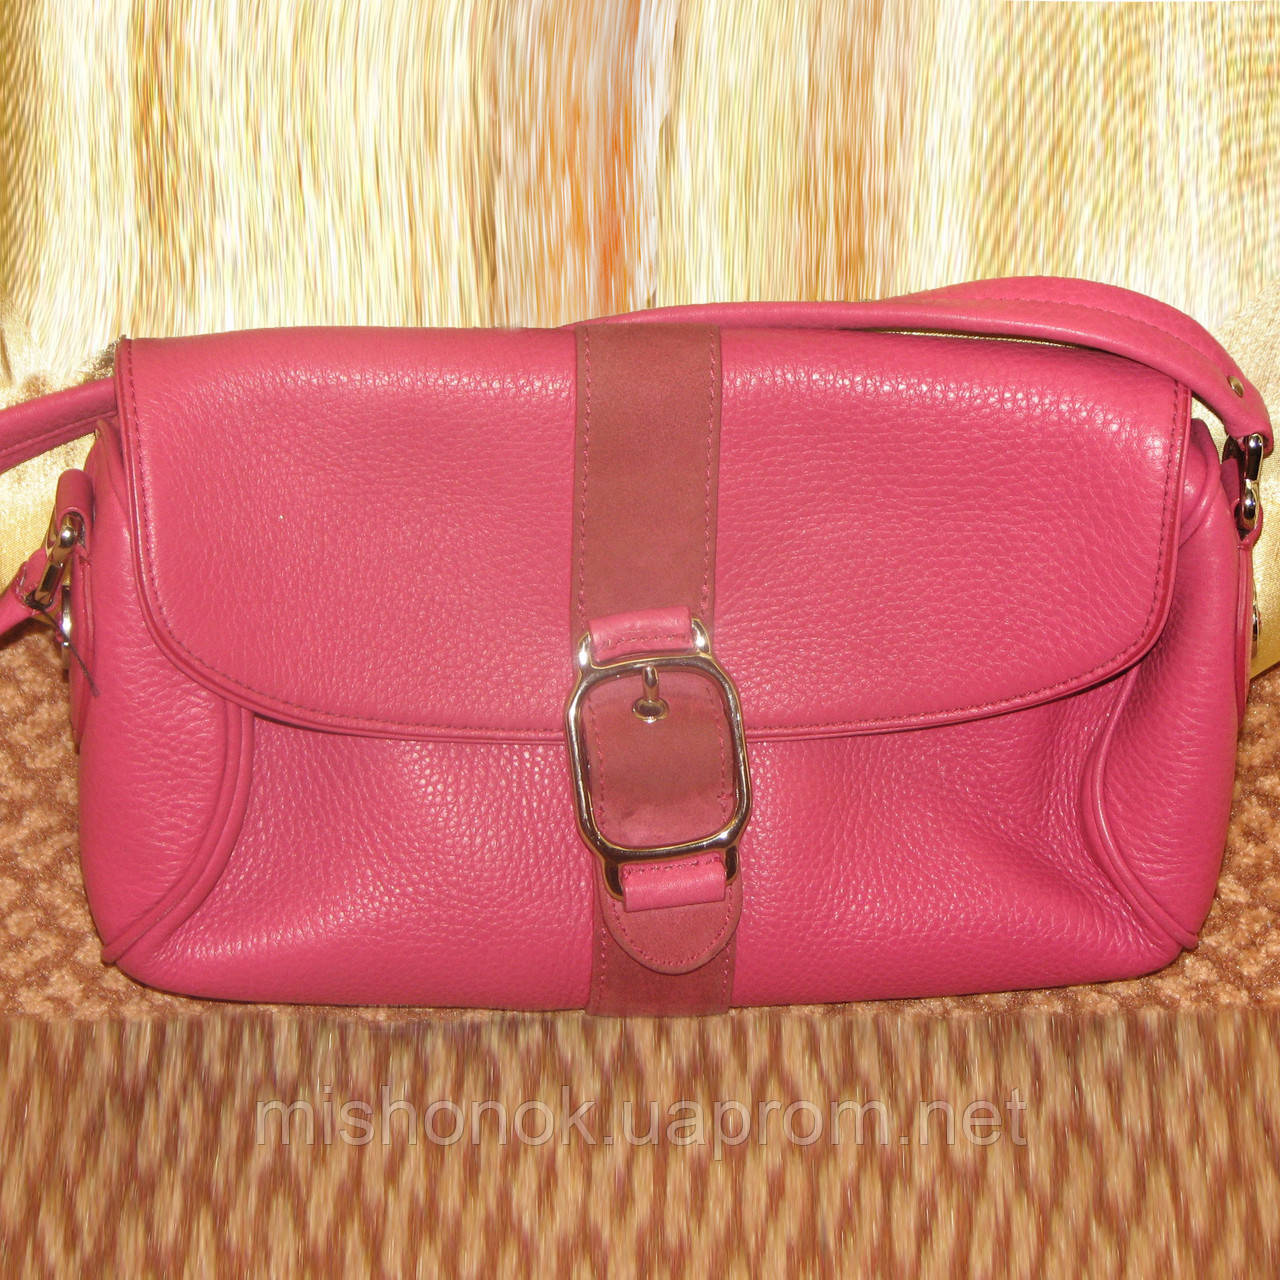 25a6ad117cec Женская сумочка Cole Haan, клатч розовая, натуральная кожа - Комиссионочка